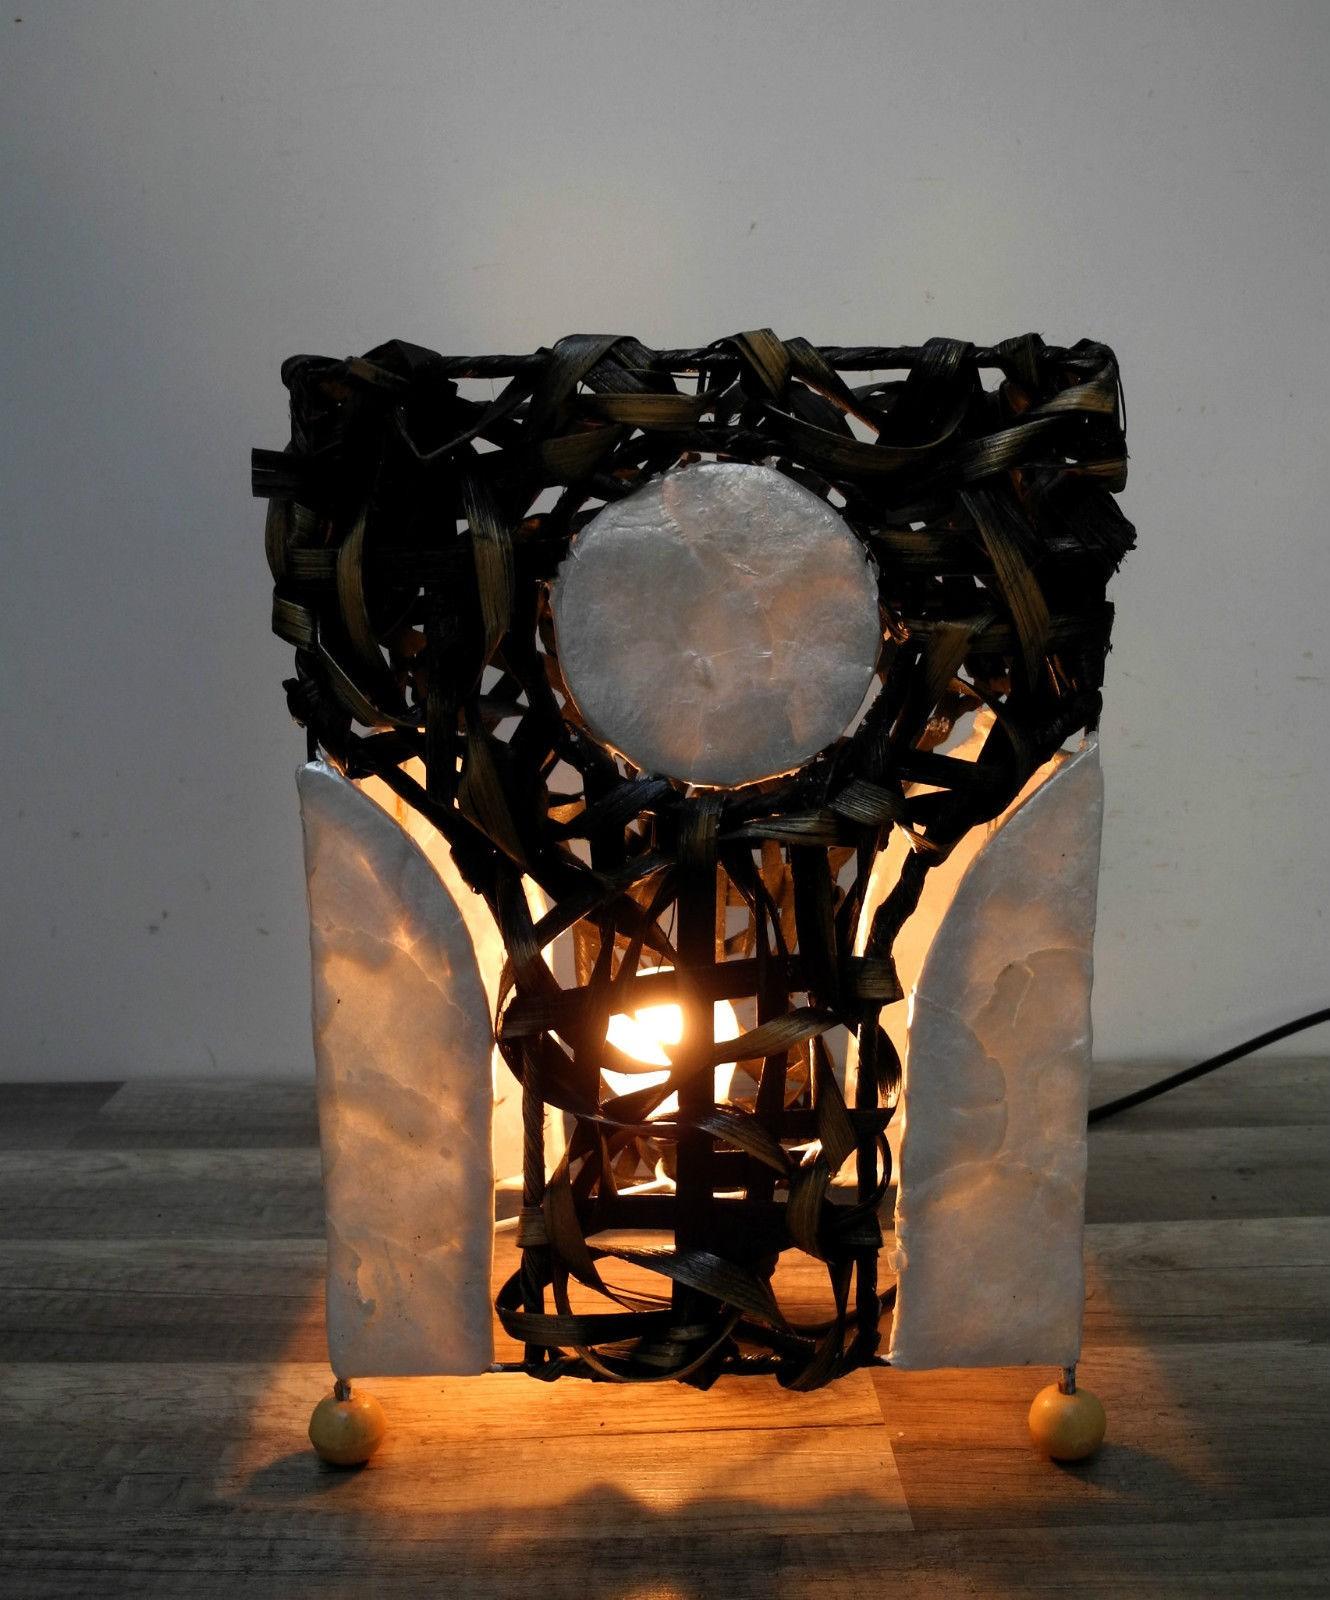 lampe tischlampe orientalisch dekoleuchte wei muschelpl ttchen natur ebay. Black Bedroom Furniture Sets. Home Design Ideas